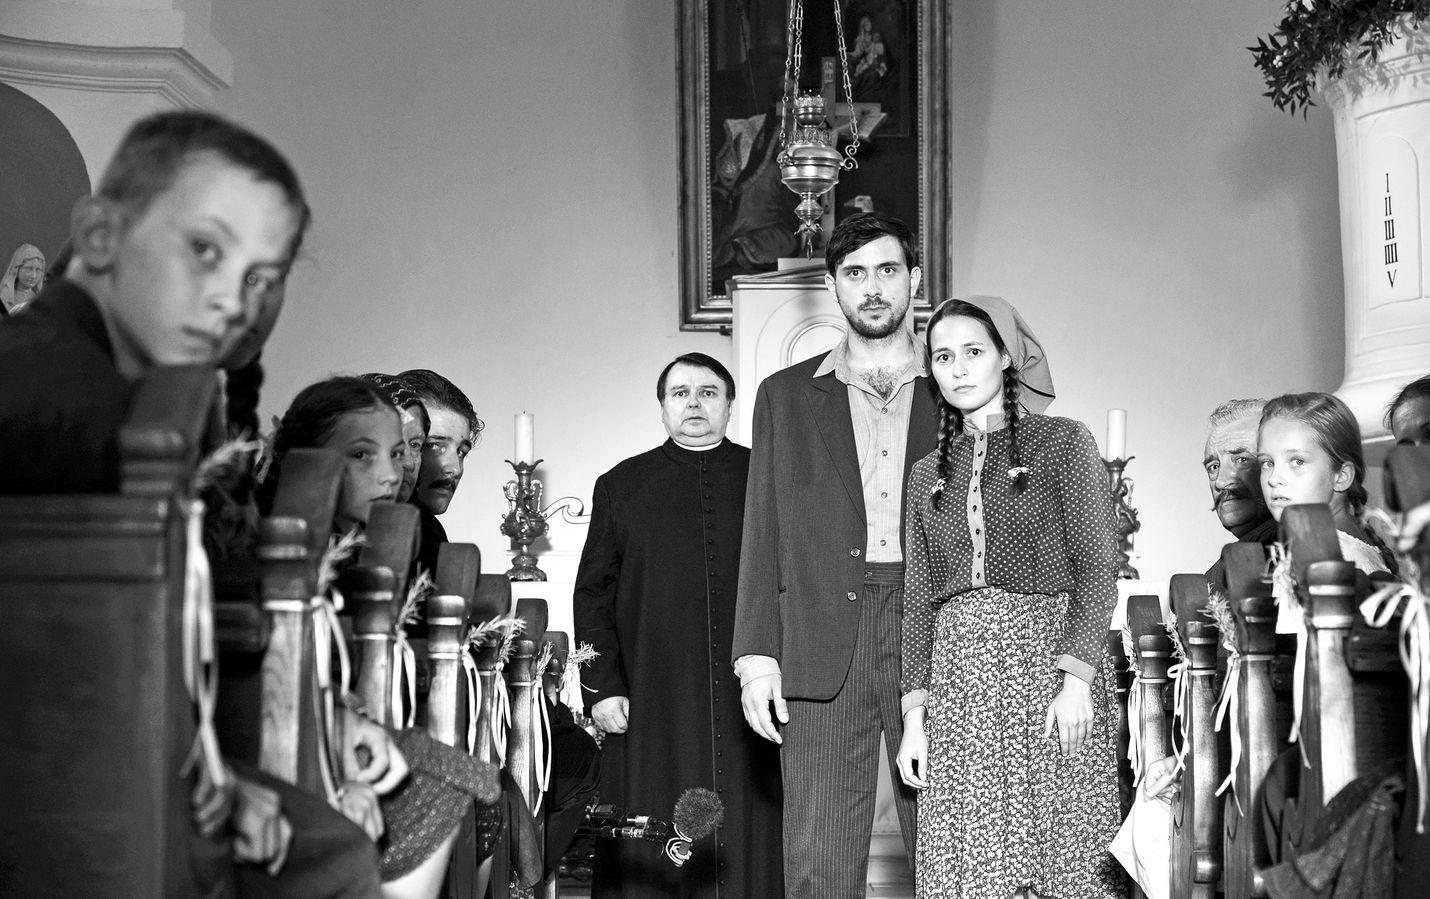 1945-elokuvassa unkarilaiskylässä vietetään notaarin pojan häitä. Neuvostoliiton puna-armeija on ottamassa komentoa, ja junasta astuu kaksi juutalaismiestä kuin muistona kesken jääneestä kansanmurhasta